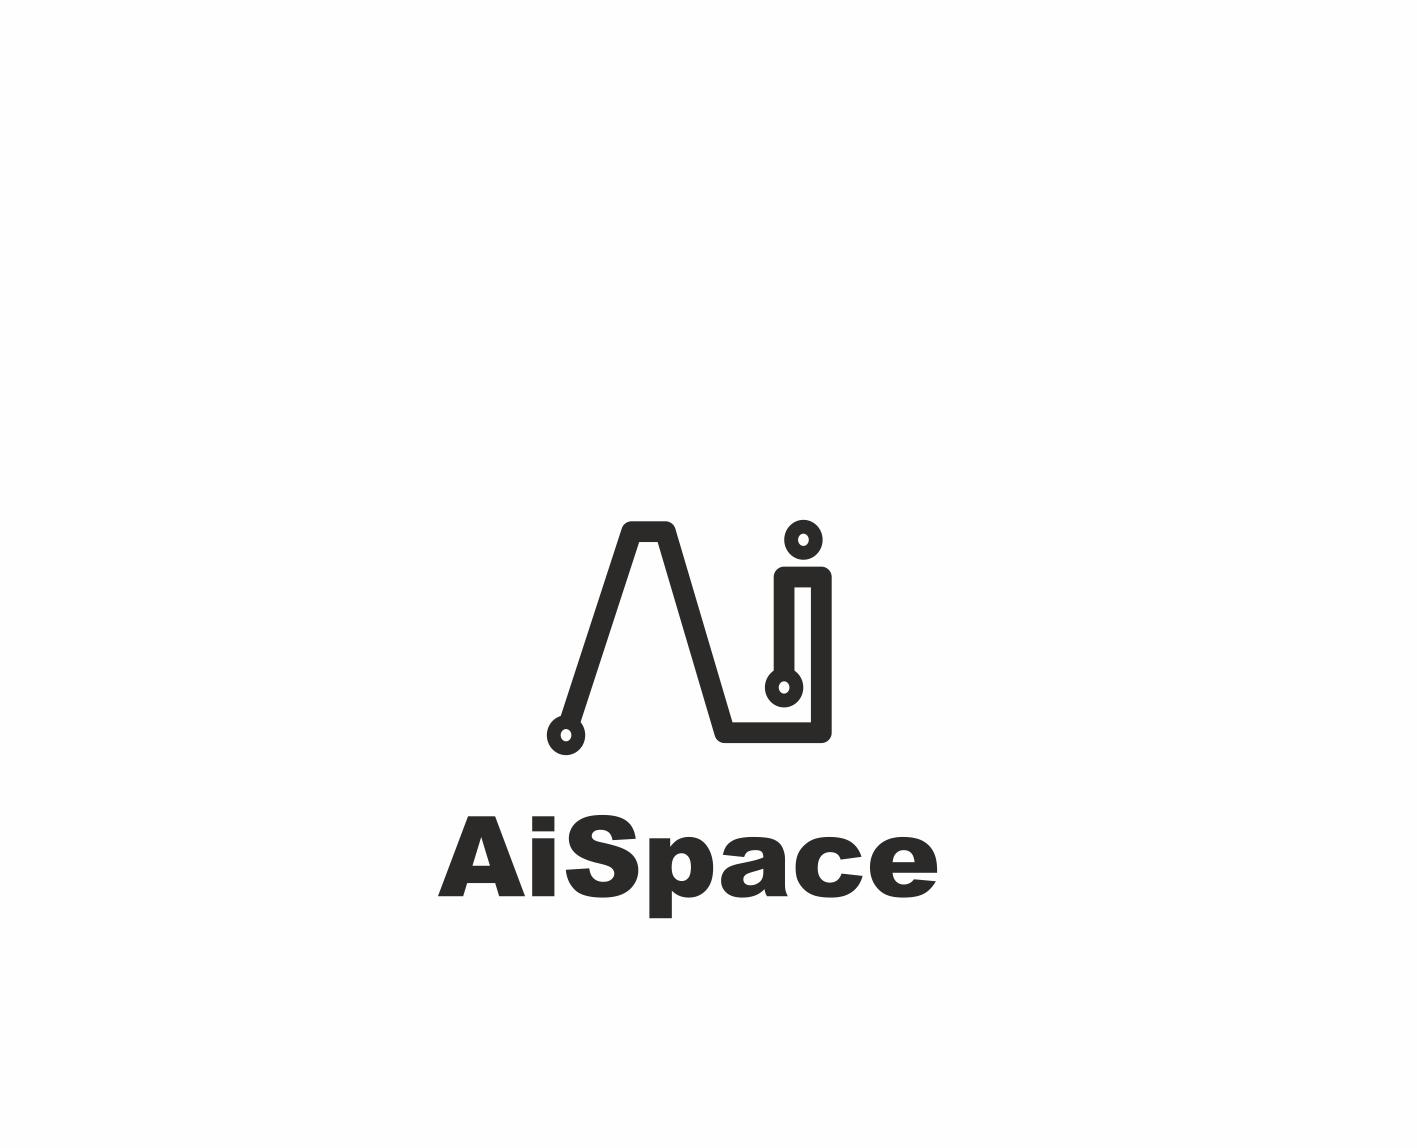 Разработать логотип и фирменный стиль для компании AiSpace фото f_91751aa30802b755.png